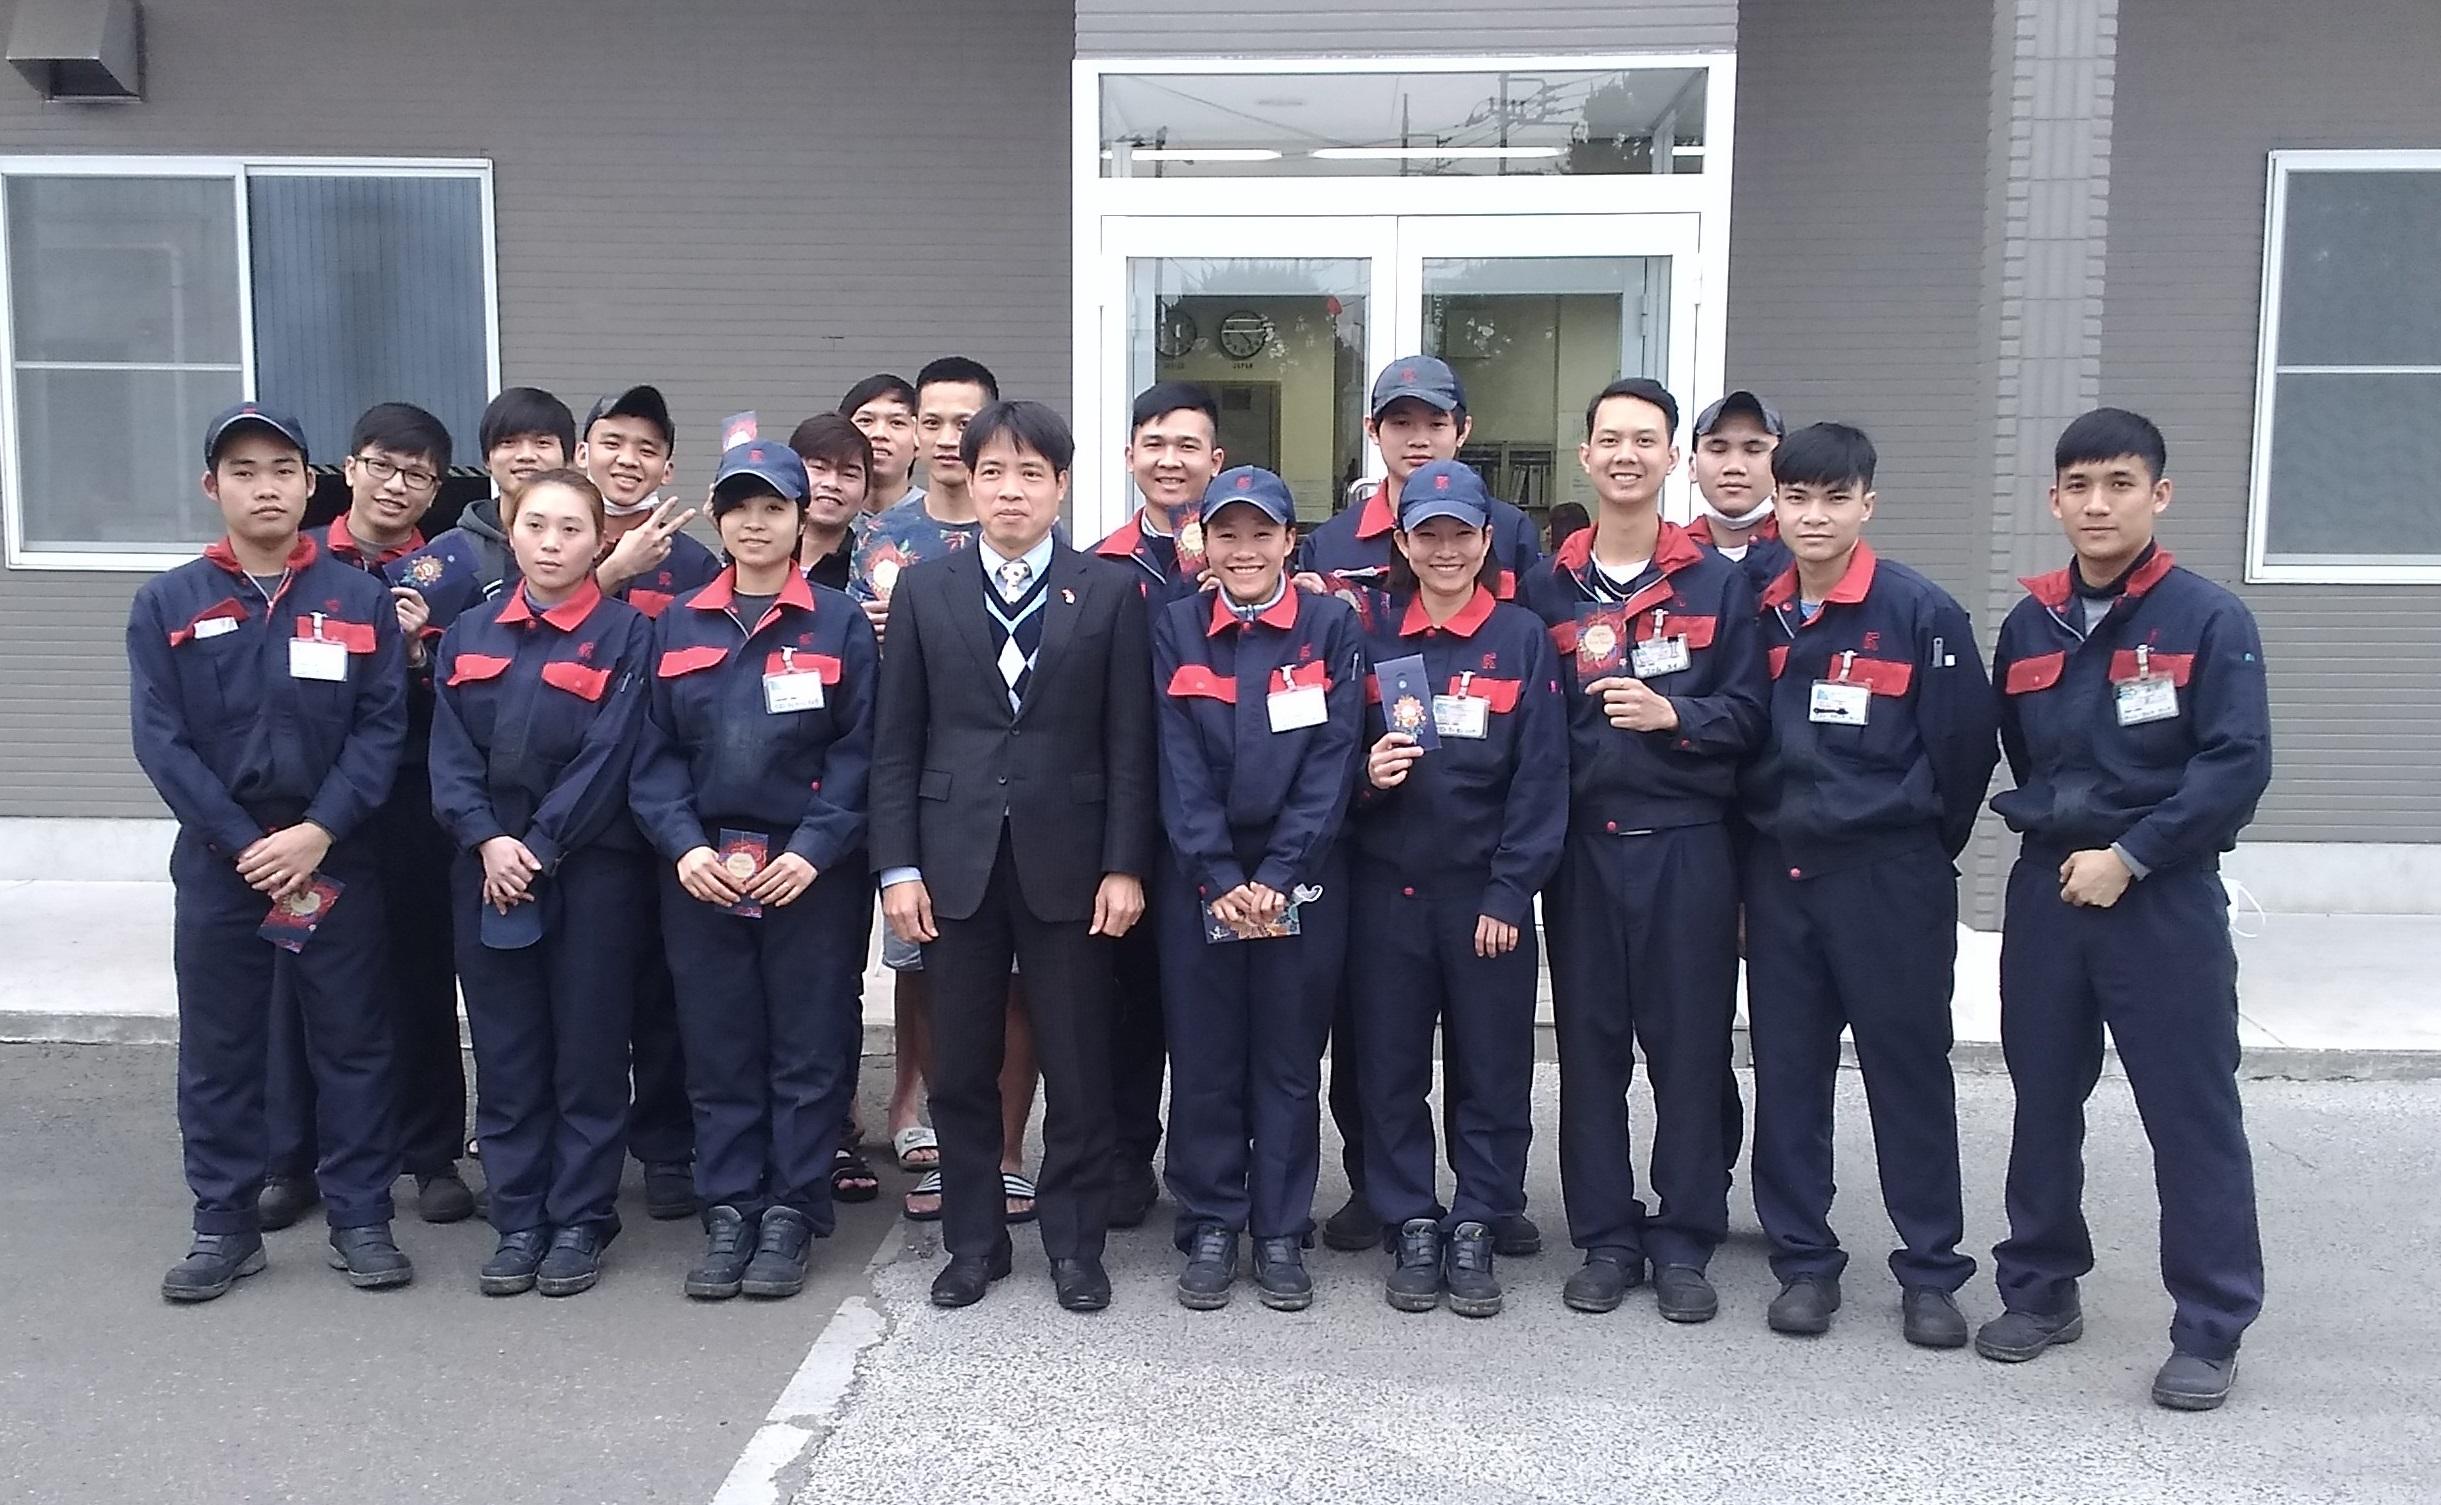 Ngày mùng 5 tháng 2, Trưởng Ban Quản lý lao động, Đại sứ quán Việt Nam tại Nhật Bản, ông Phan Tiến Hoàng đã đến thị sát công ty tiếp nhận Thực tập sinh.